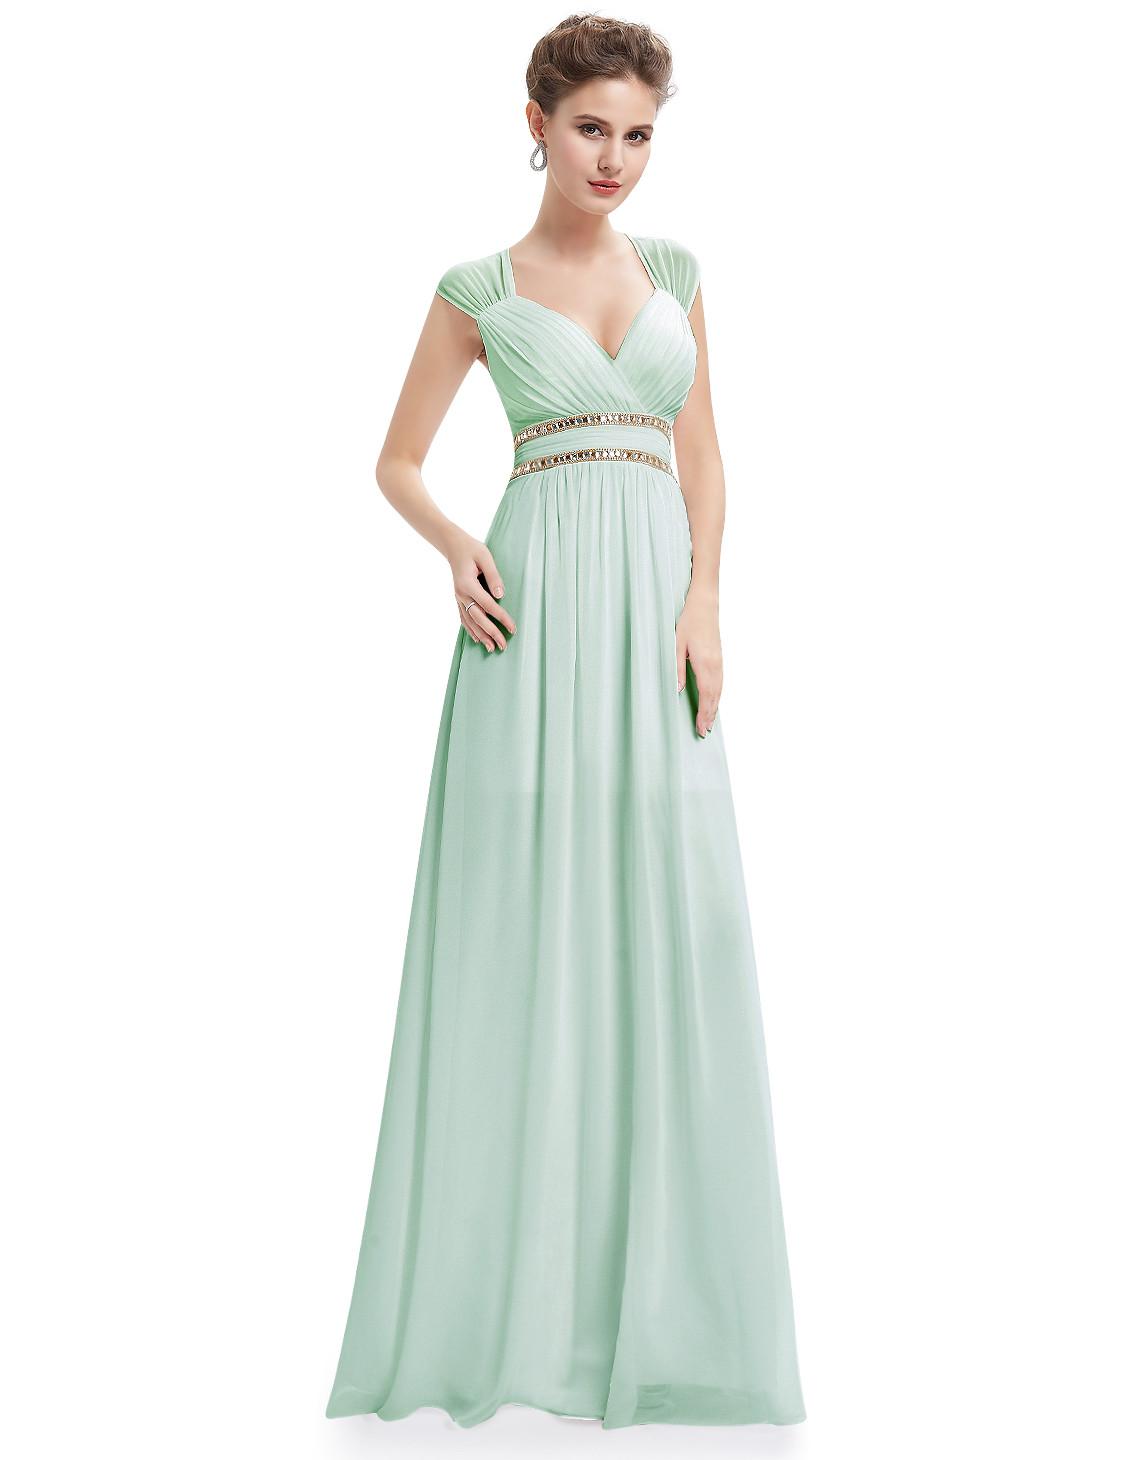 Mint Green Elegant V-neck Bridesmaid Dress